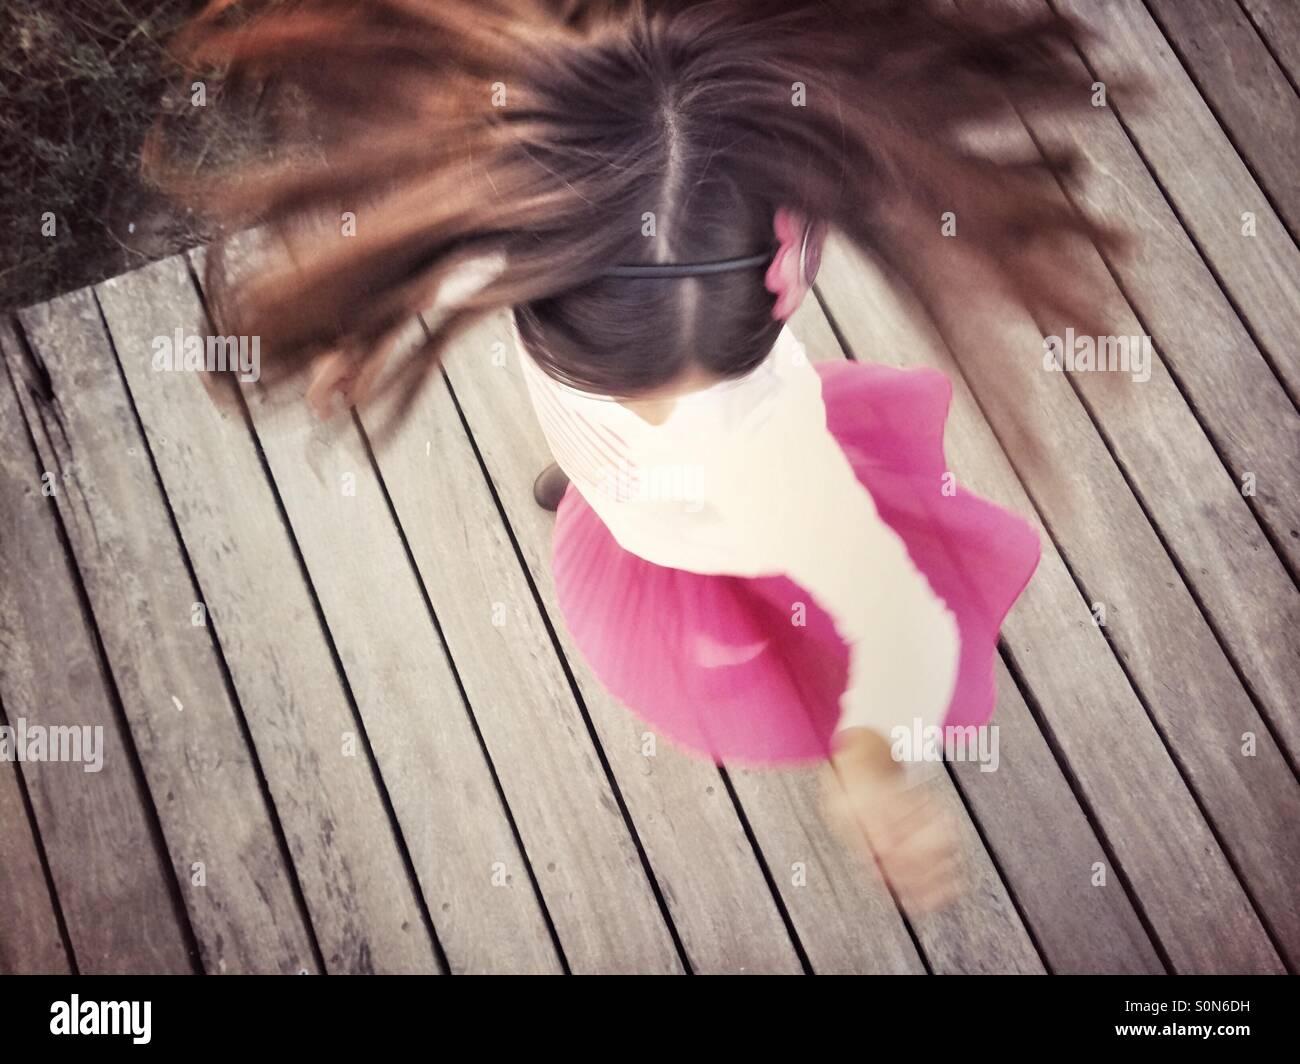 Jupe Fille en rose tournant sur le bois à pied Photo Stock